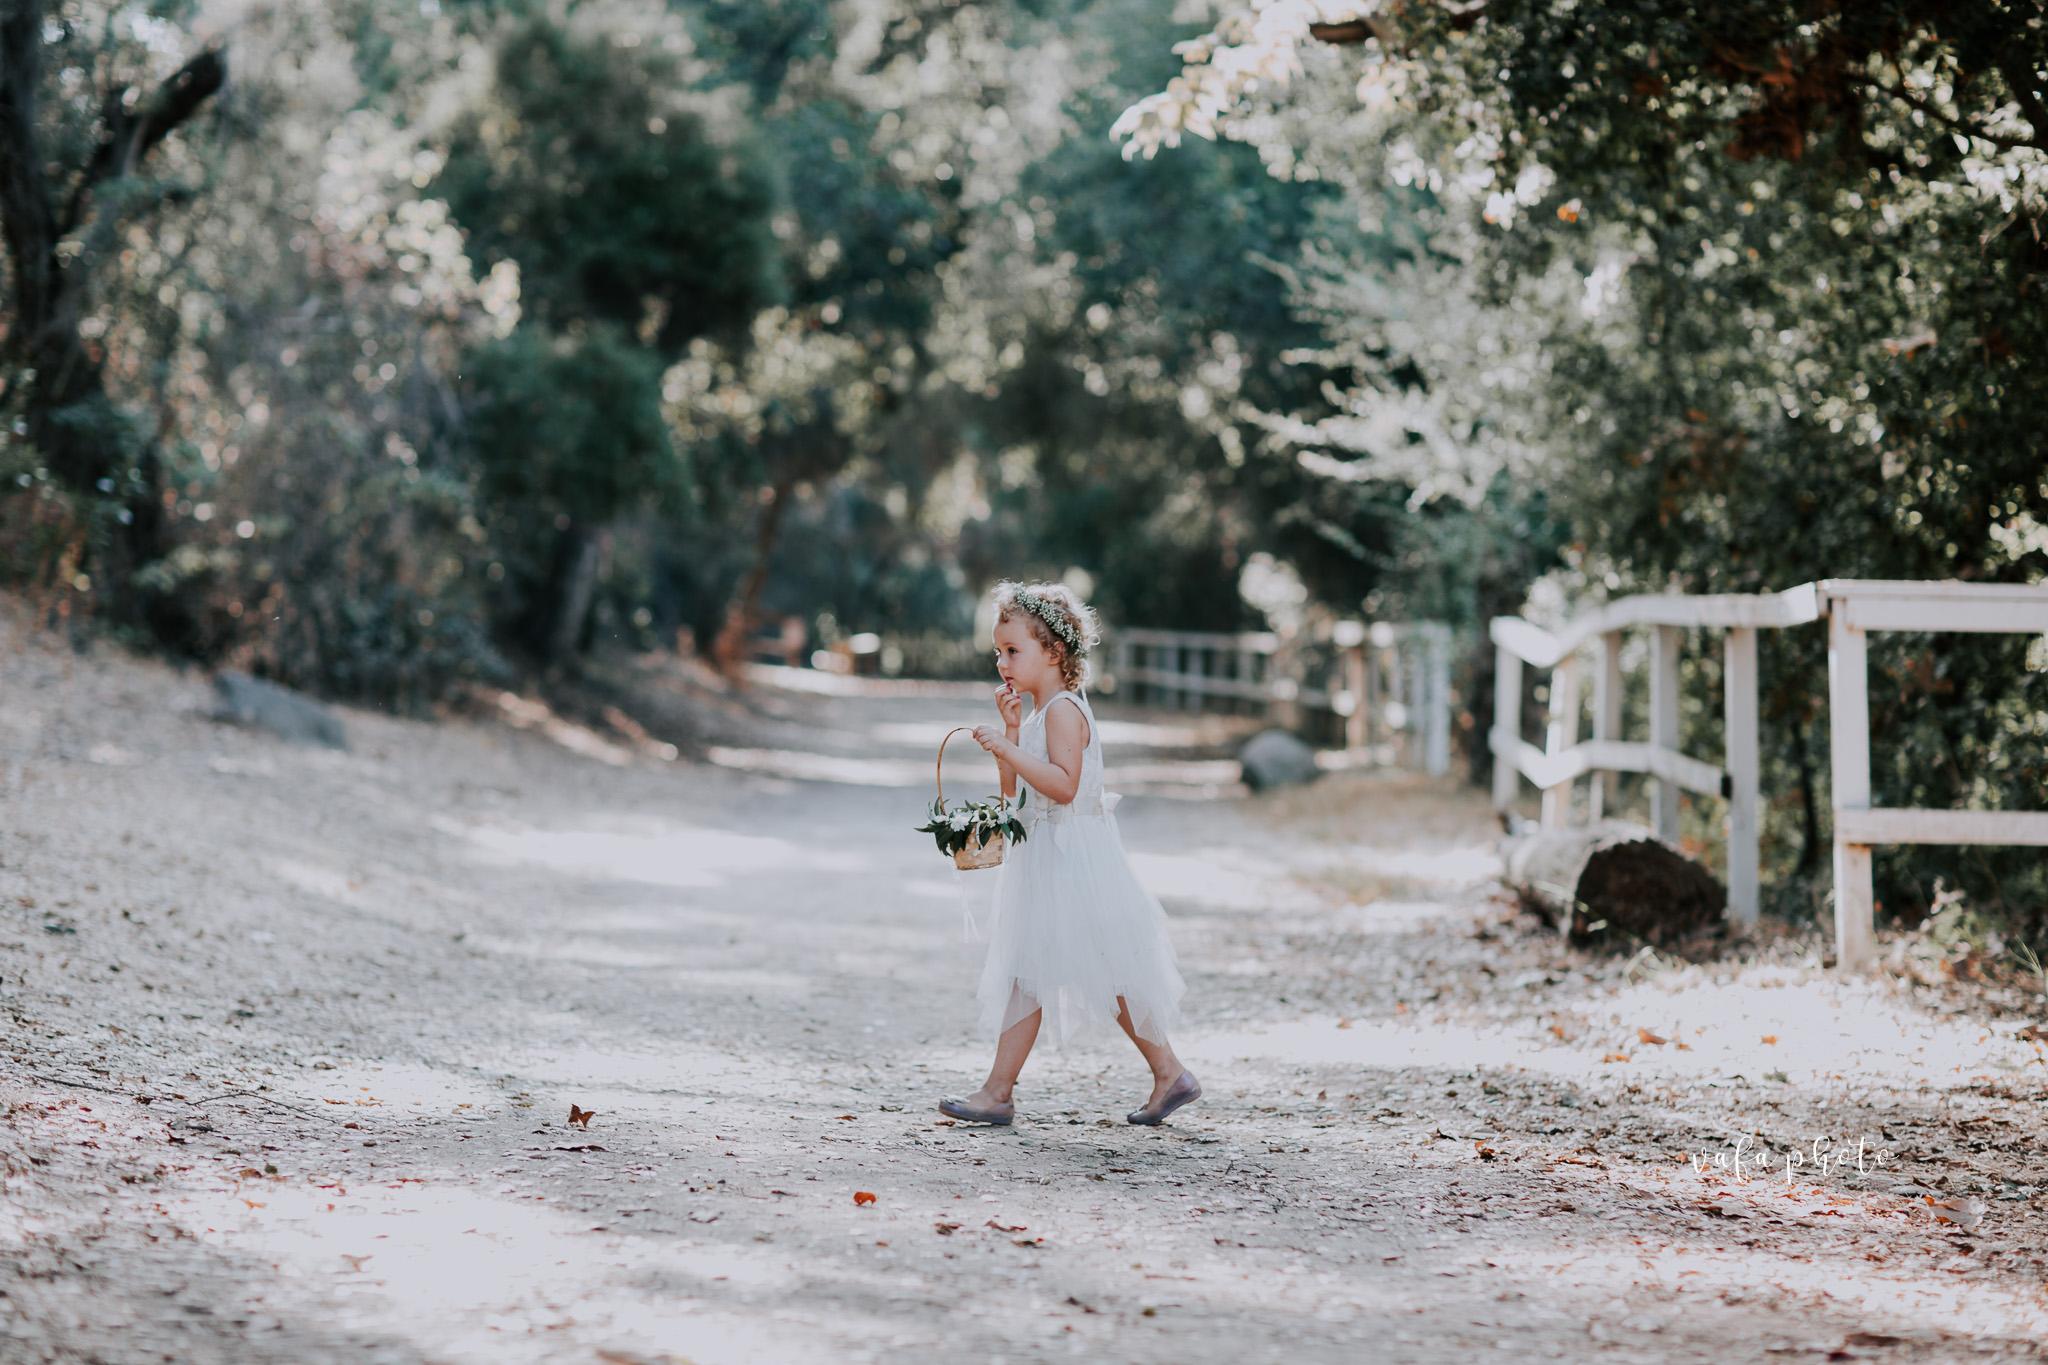 Southern-California-Wedding-Britt-Nilsson-Jeremy-Byrne-Vafa-Photo-389.jpg